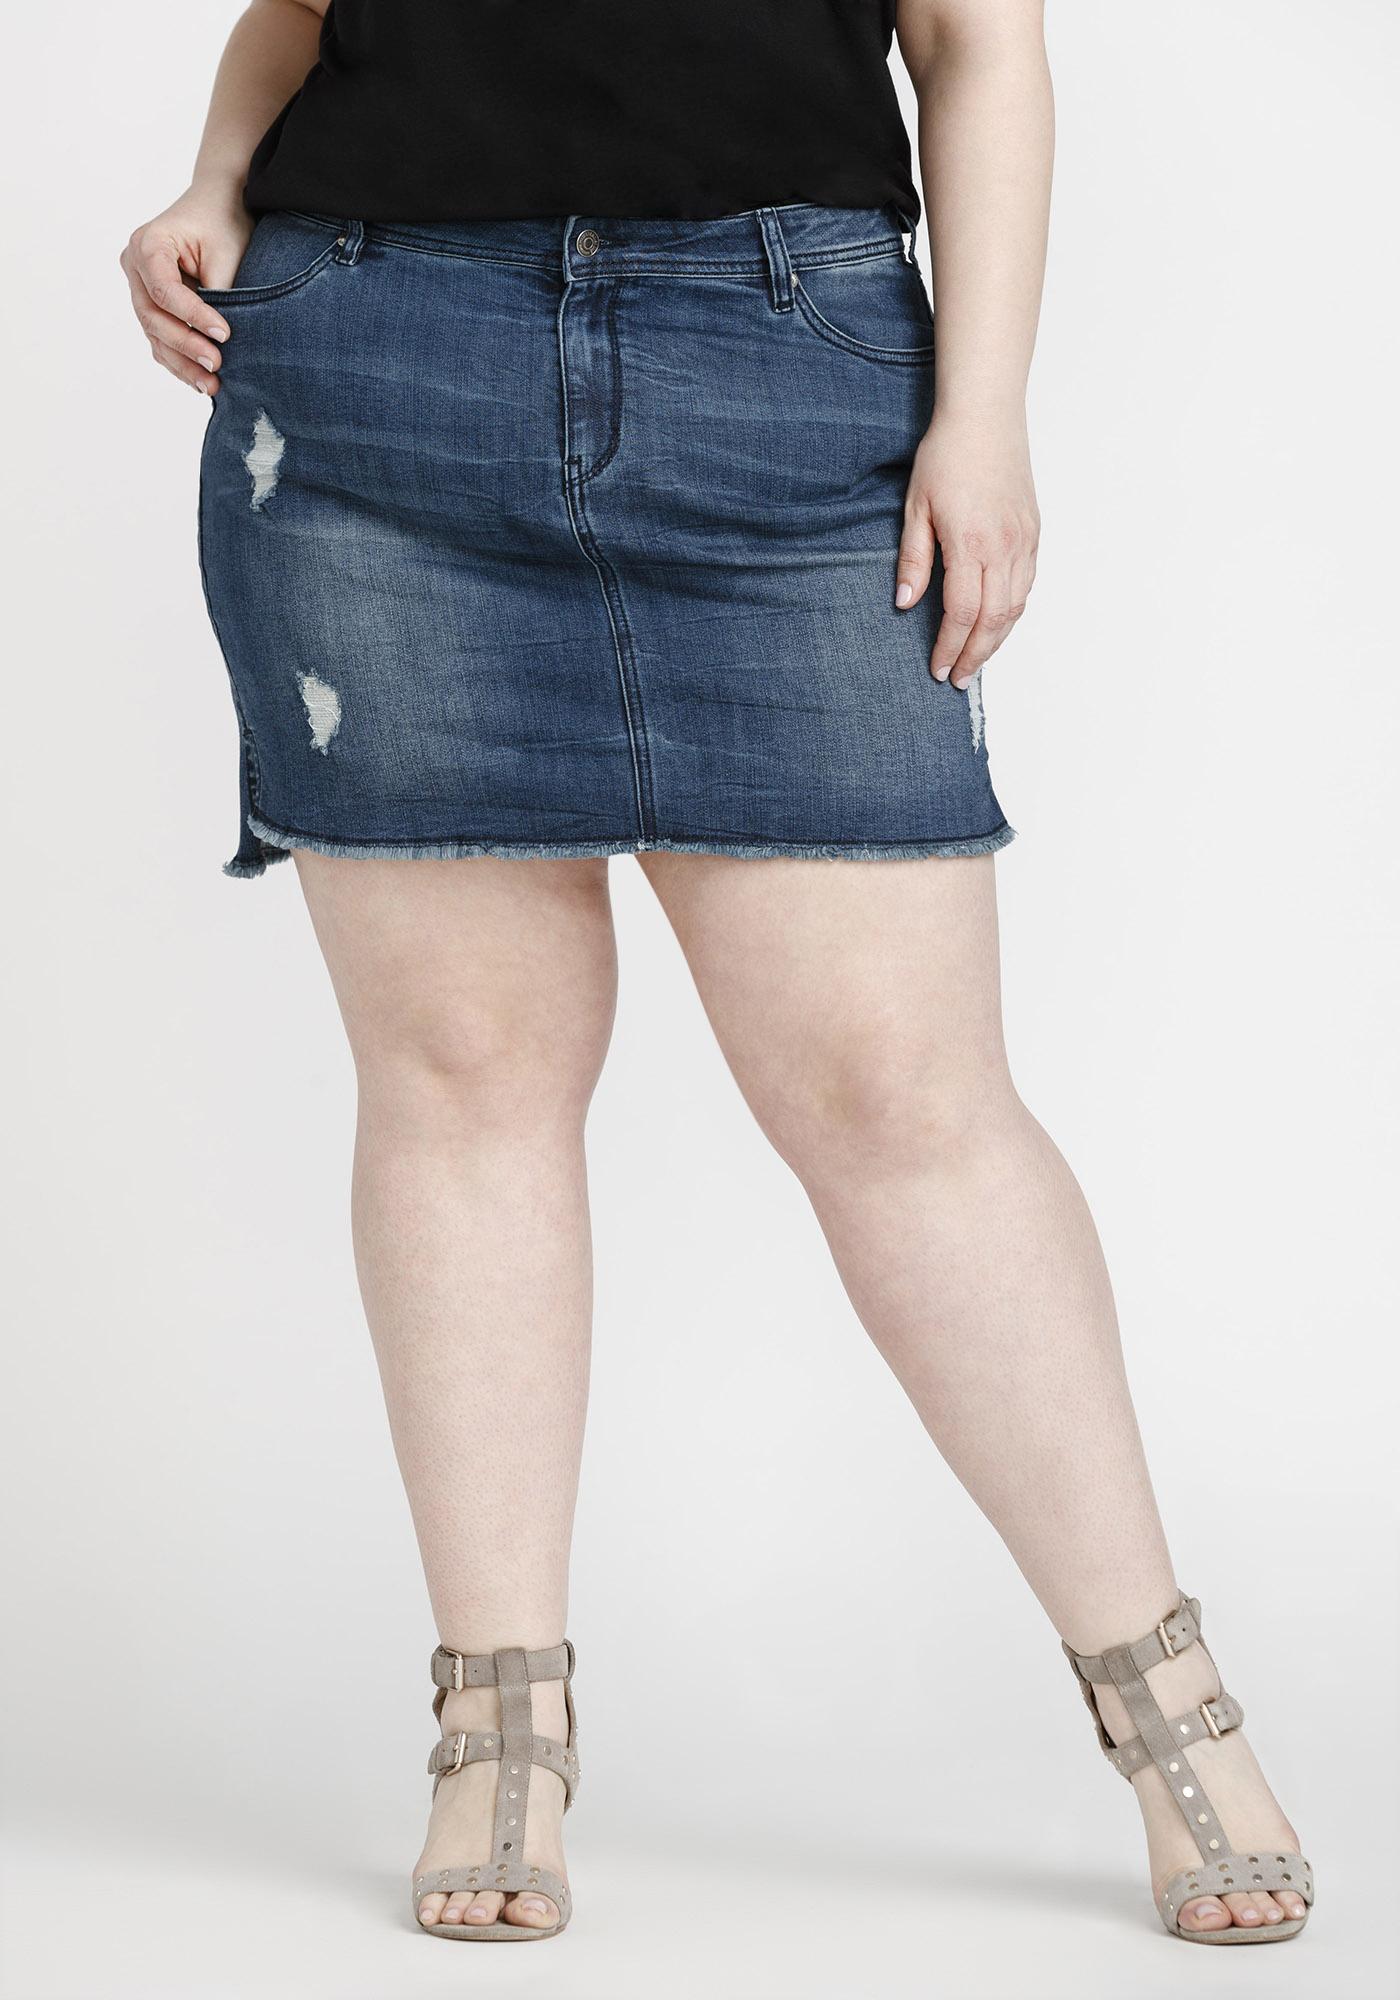 b8b6aef174 Women's Plus Size Step Hem Denim Skirt, DARK WASH, hi-res